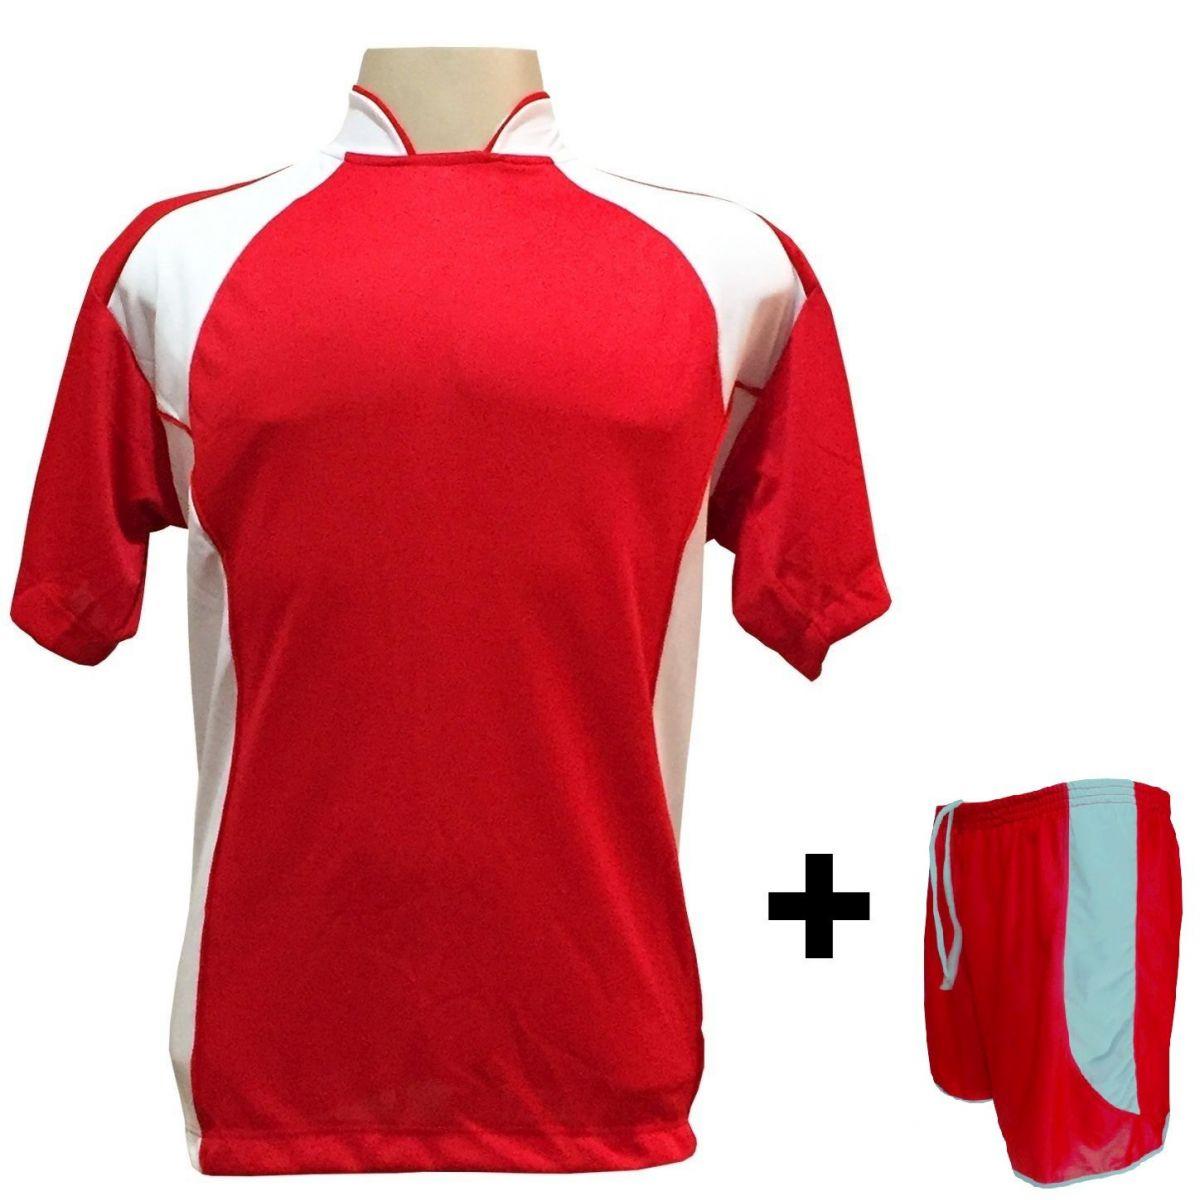 Uniforme Esportivo com 14 camisas modelo Suécia Vermelho/Branco + 14 calções modelo Copa Vermelho/Branco + Brindes